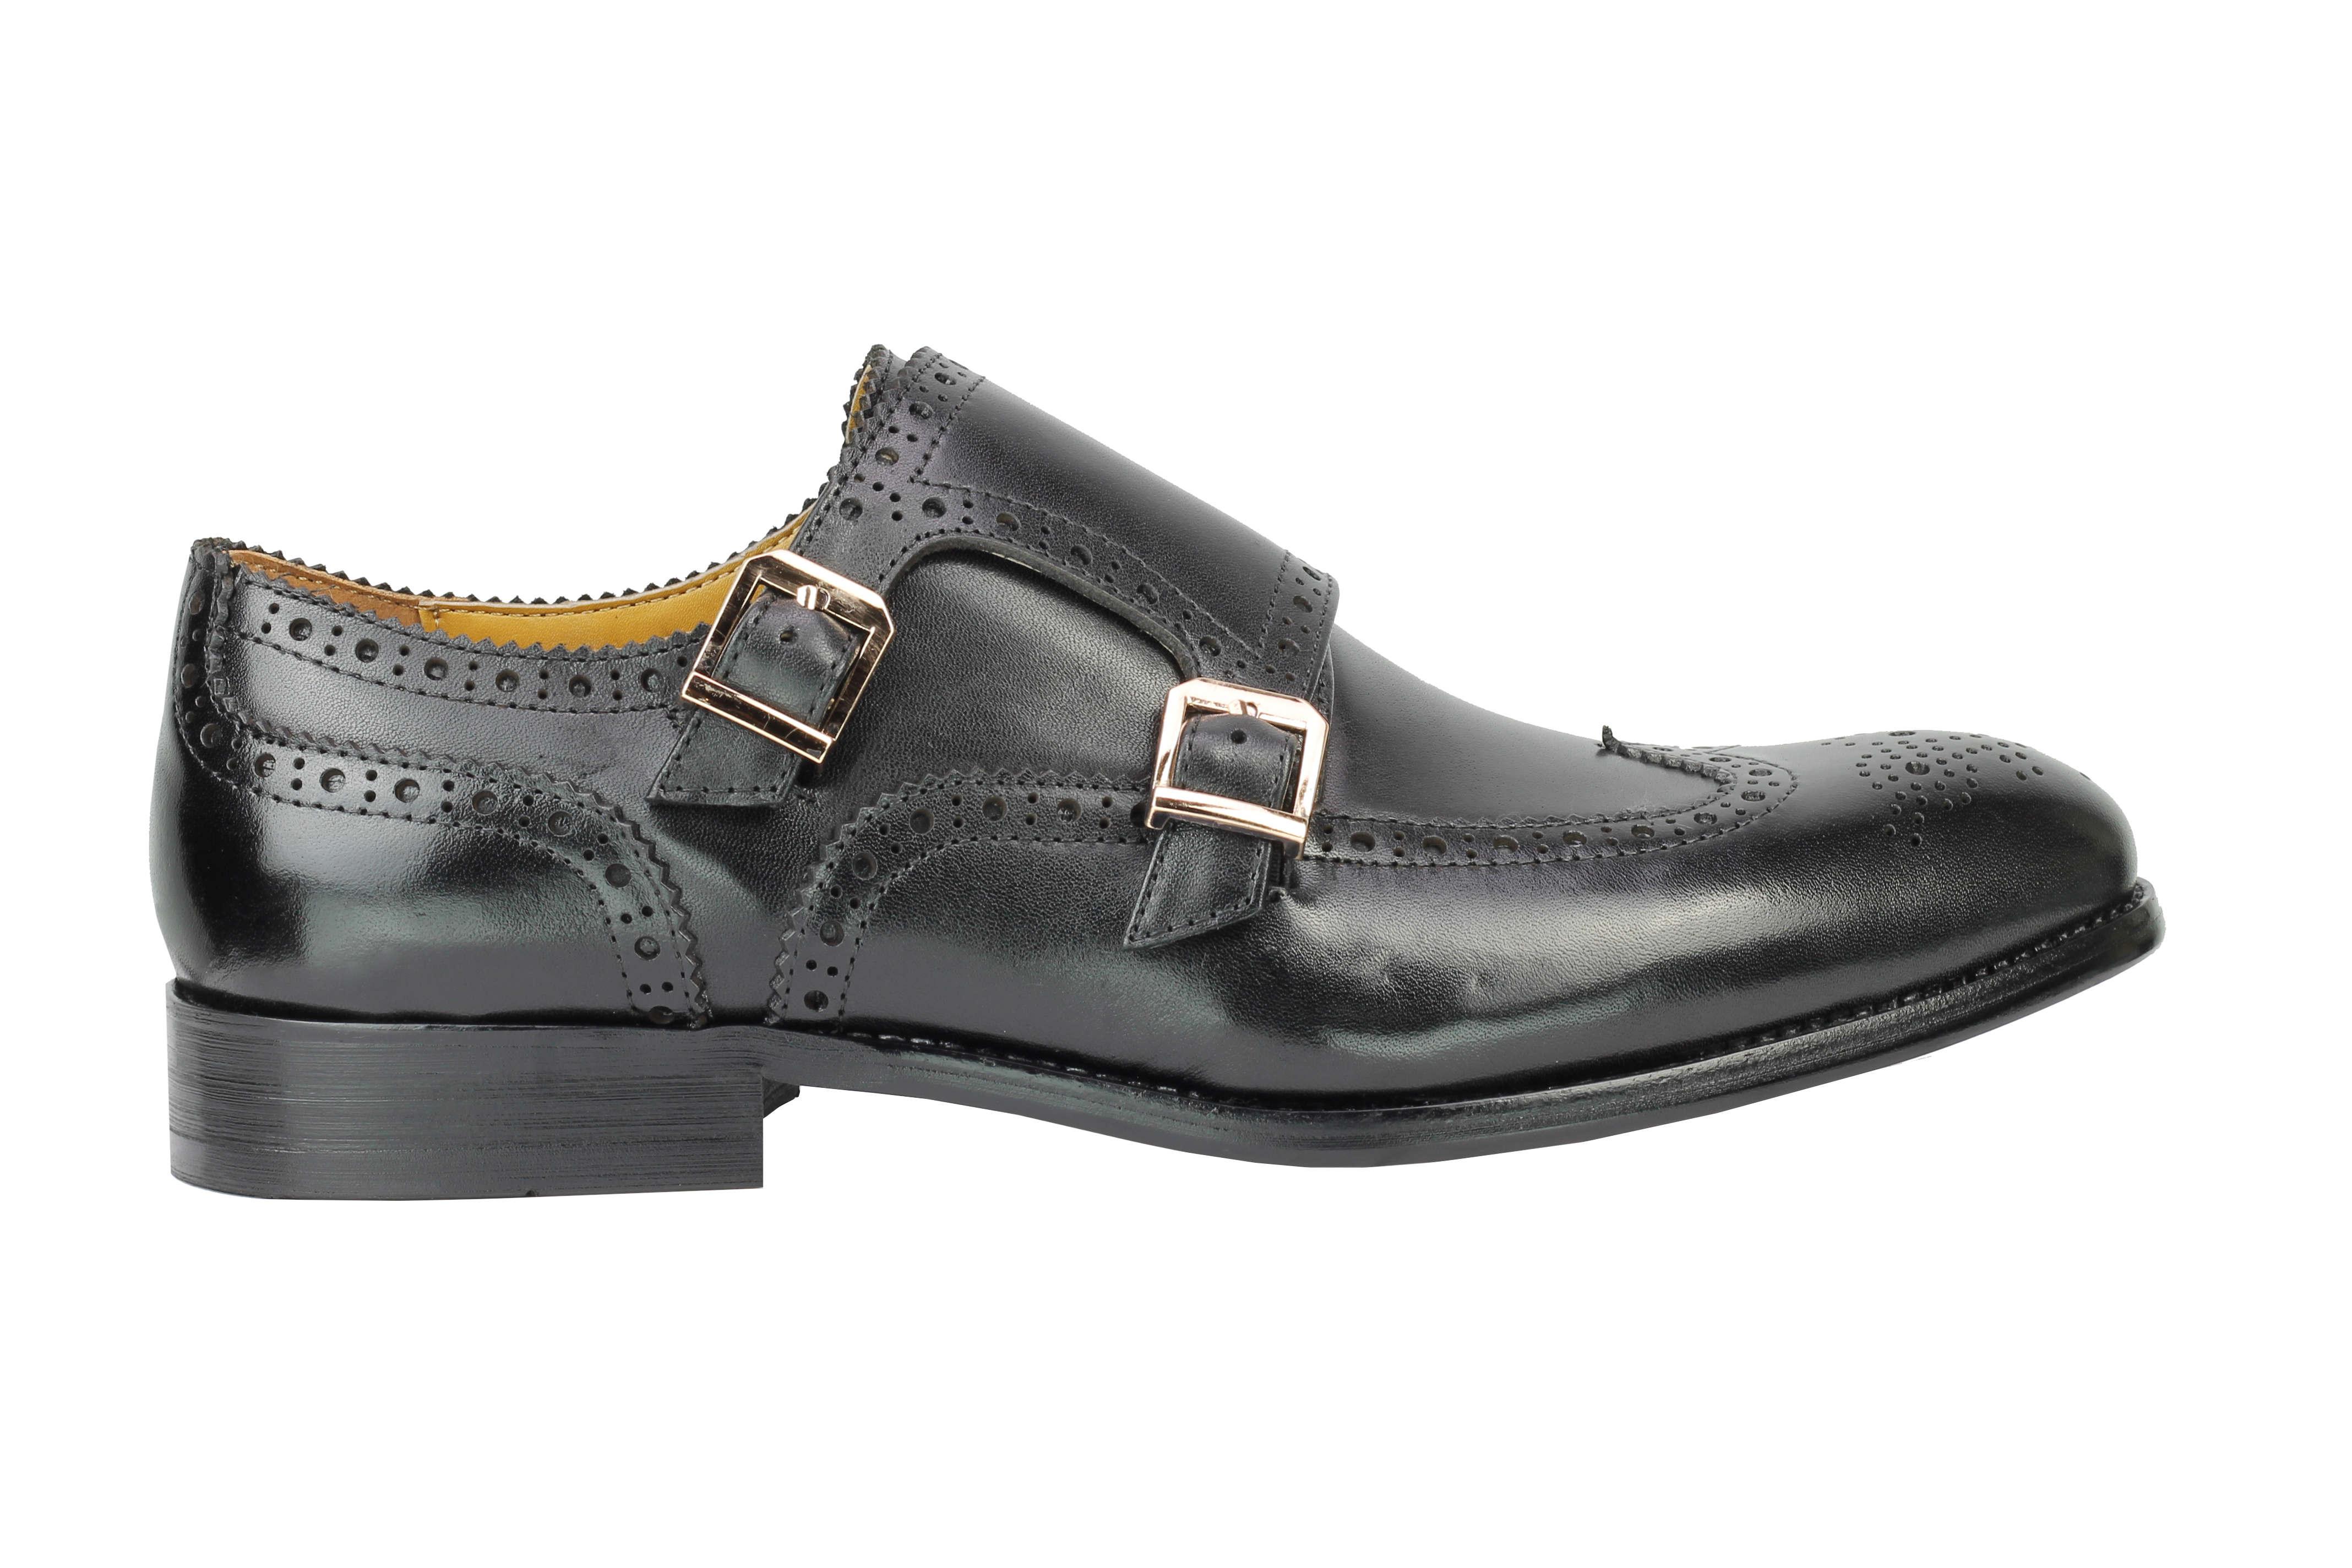 Vintage-pour-homme-Noir-Marron-En-Cuir-Veritable-Richelieu-a-Moine-Chaussures-elegant-Formel-Lacet miniature 4